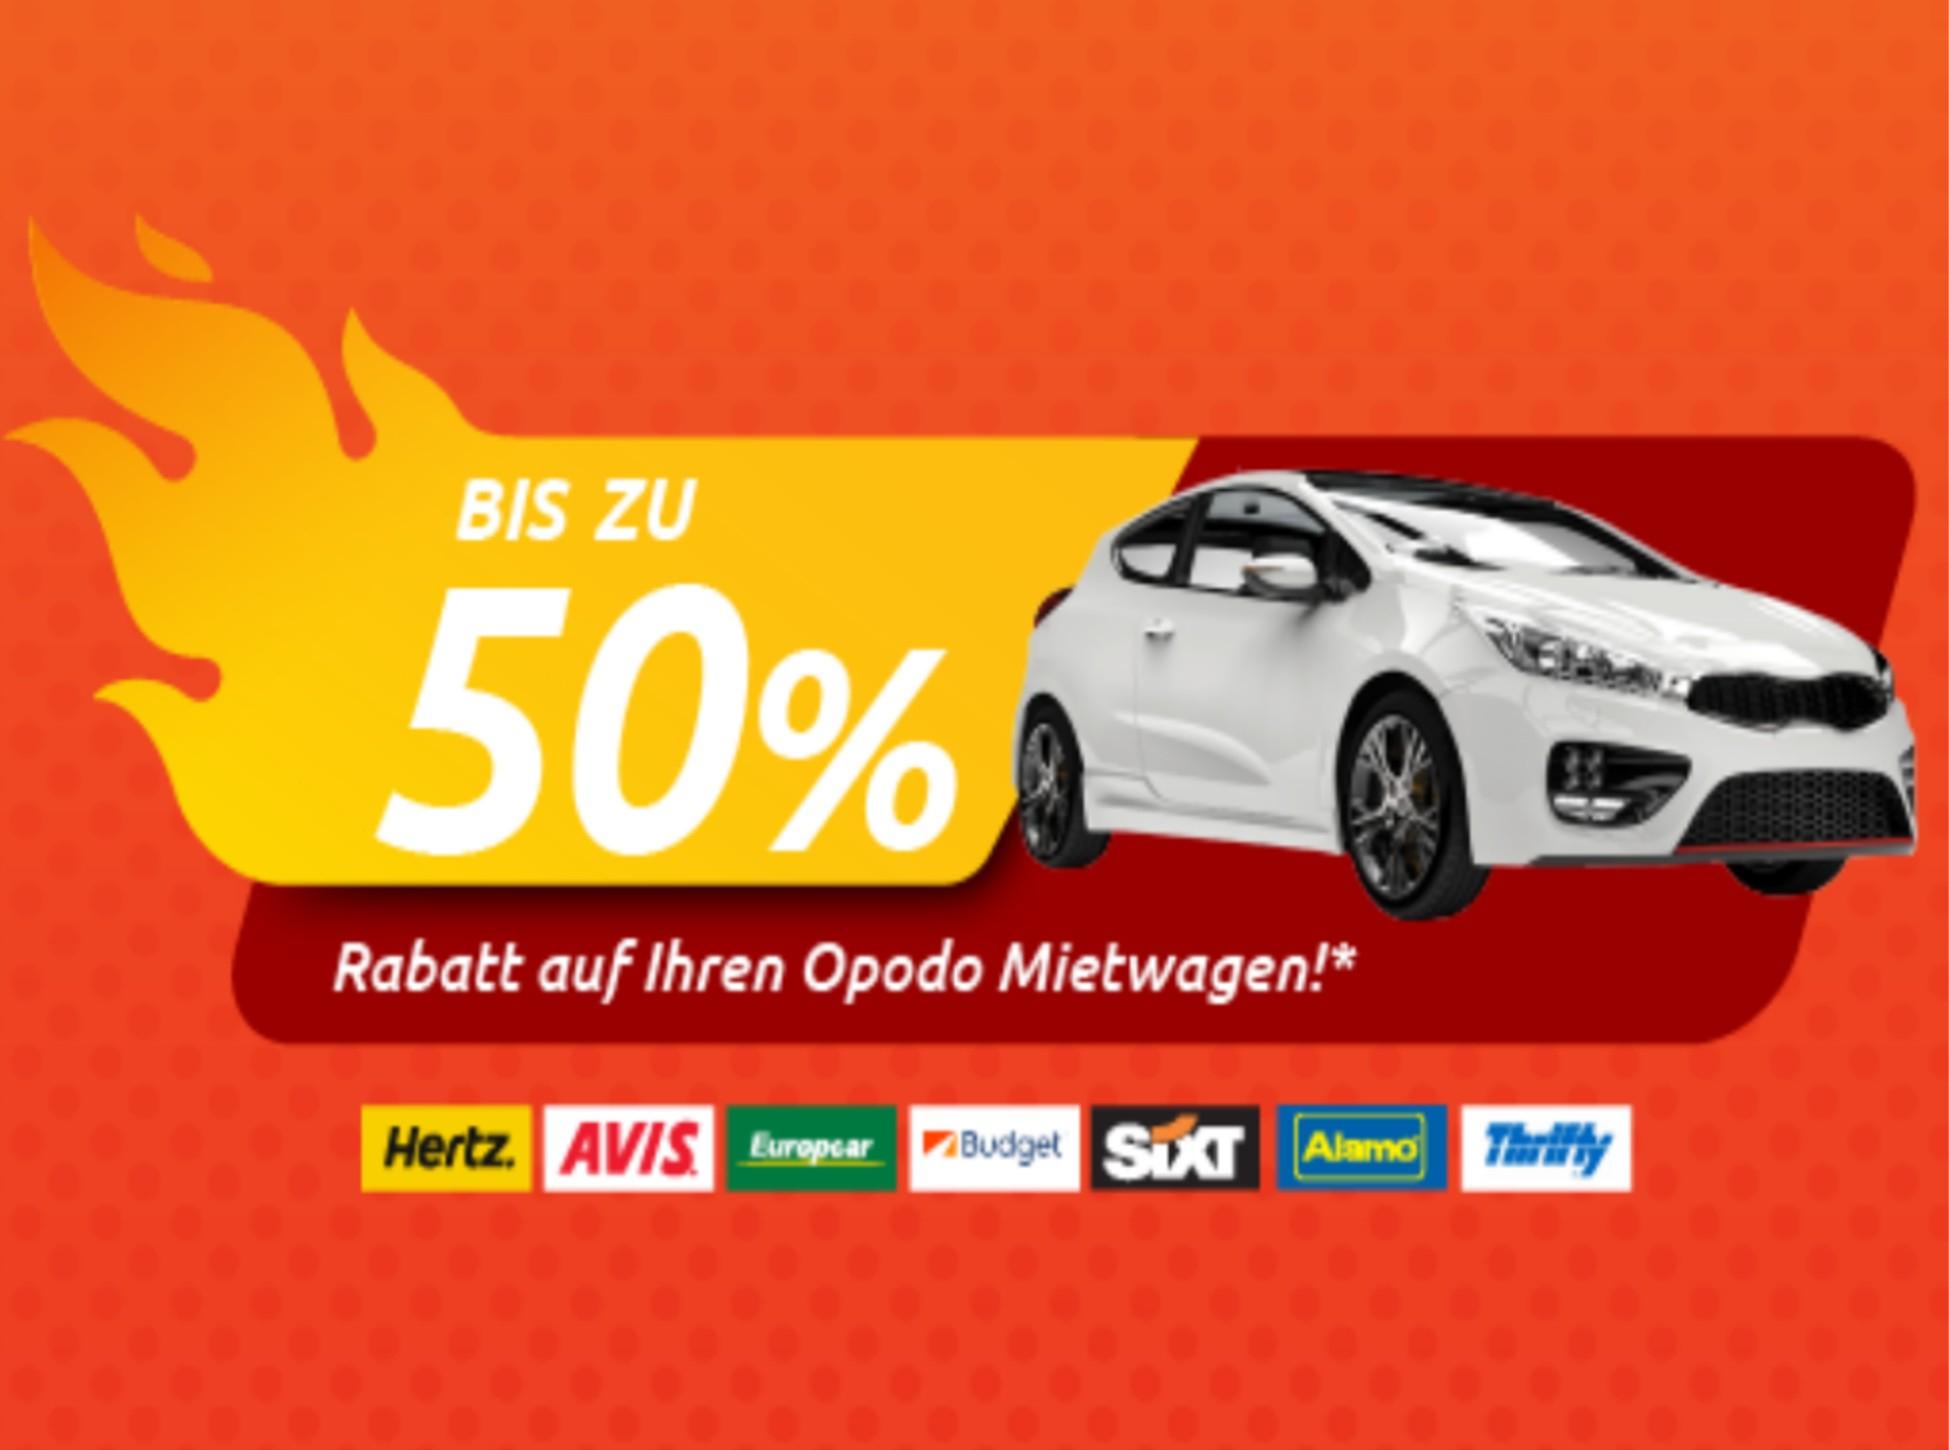 Opodo 50% Rabatt bei Mietwagen (max.2Tage, ab dem 05.10.) An ausgewählten Flughäfen und Innenstädten.